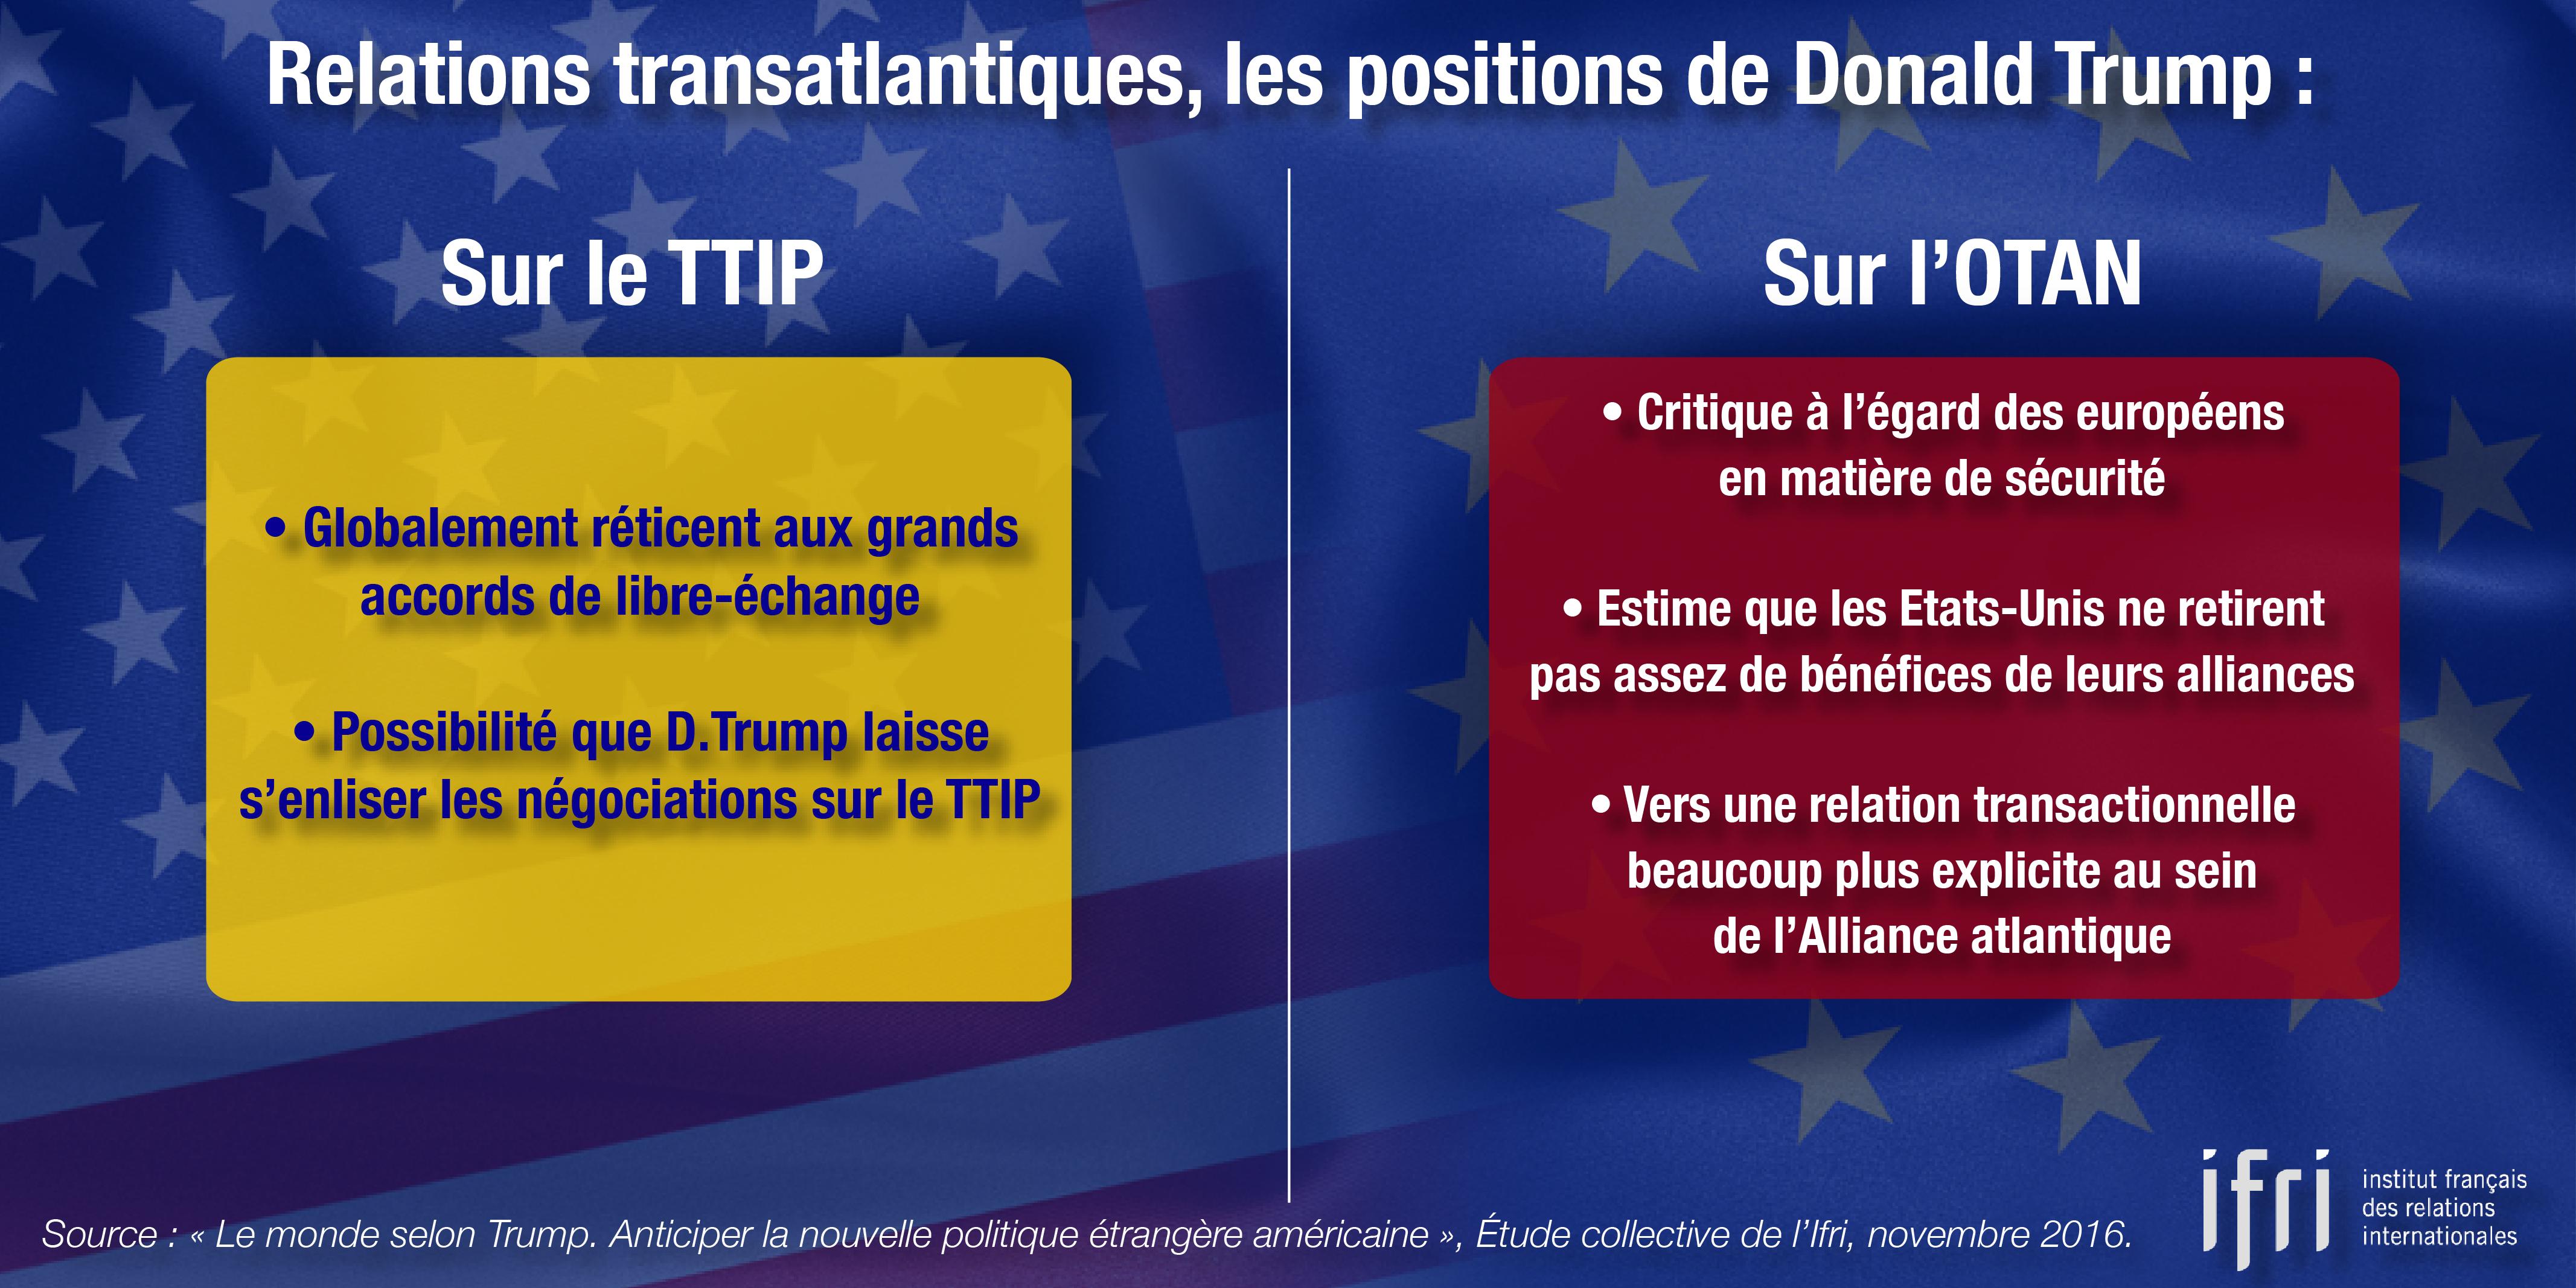 Relations transatlantiques : les positions de Donald Trump